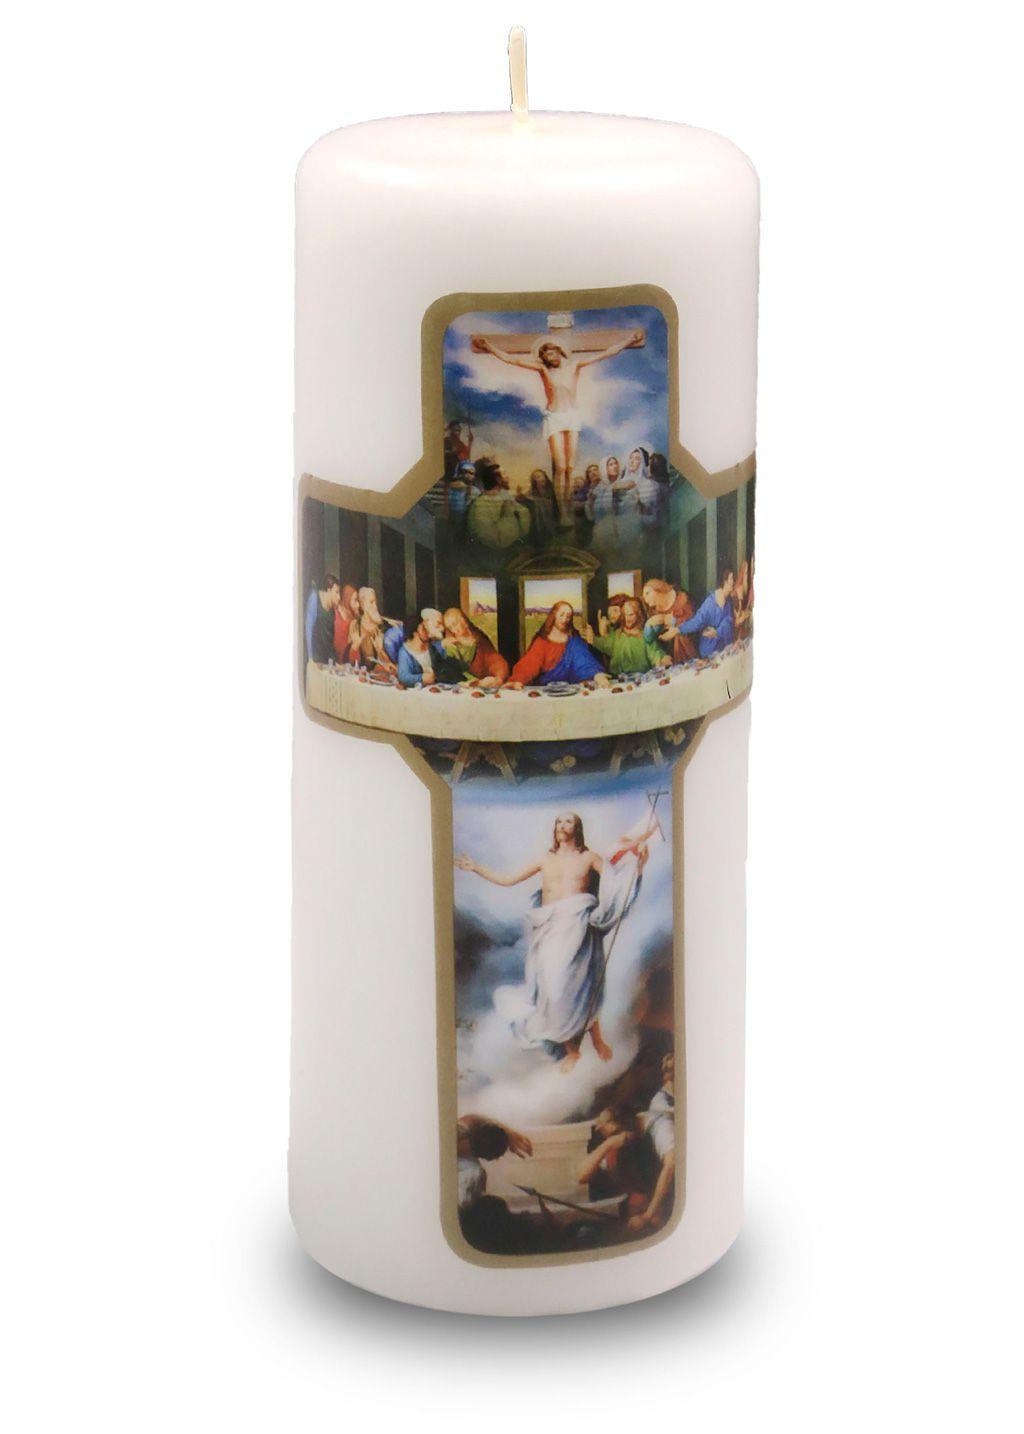 Vela altar - Santa Ceia